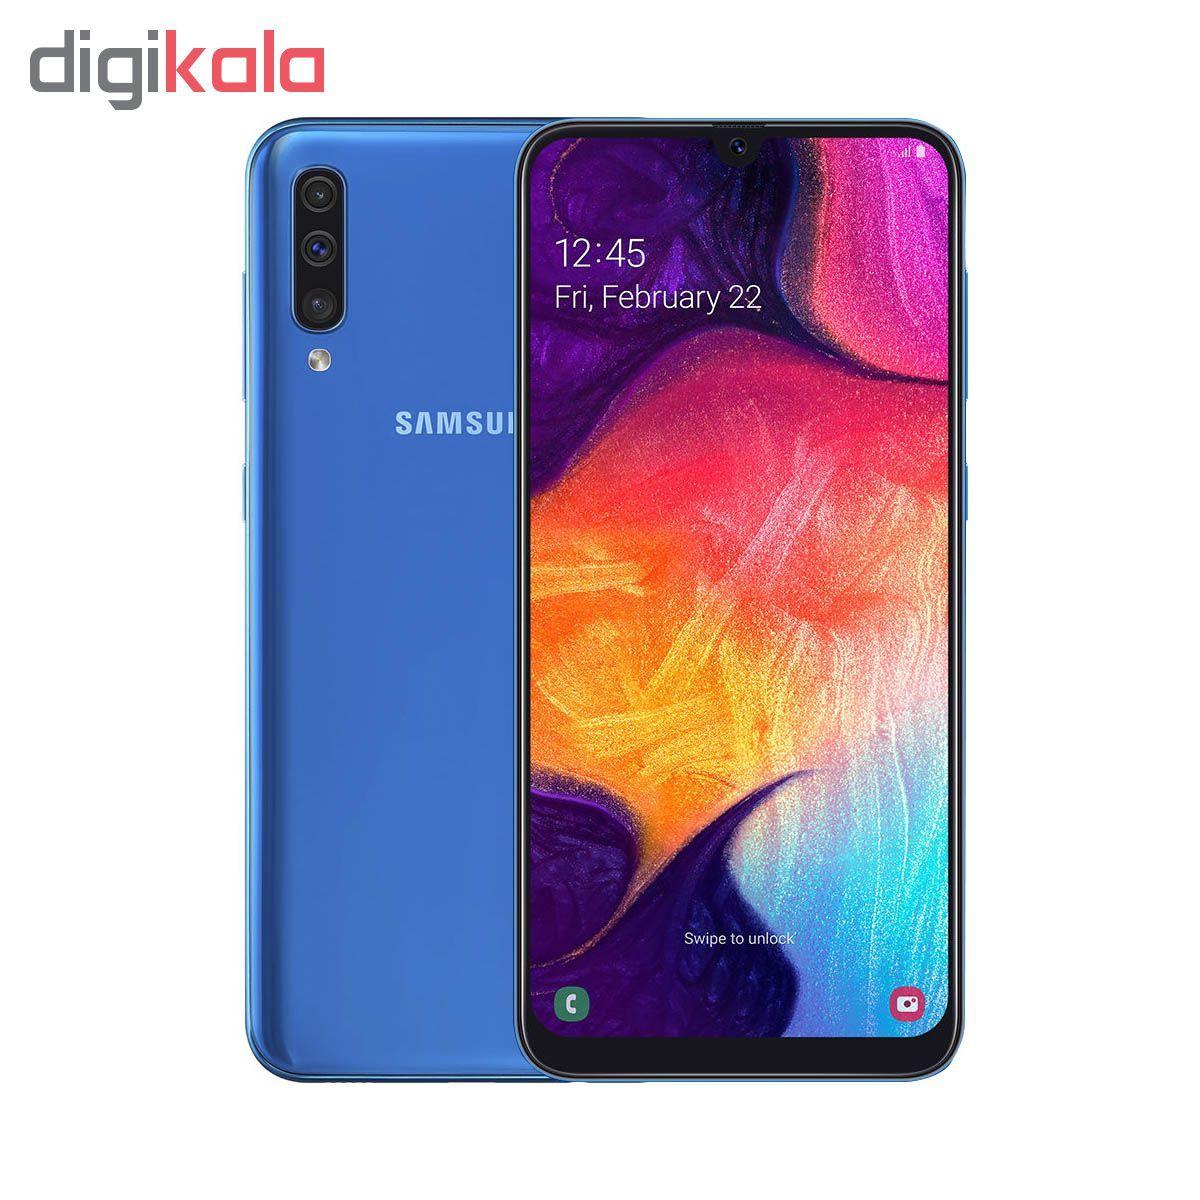 گوشی موبایل سامسونگ مدل Galaxy A50 SM-A505F/DS دو سیم کارت ظرفیت 64 گیگابایت main 1 5